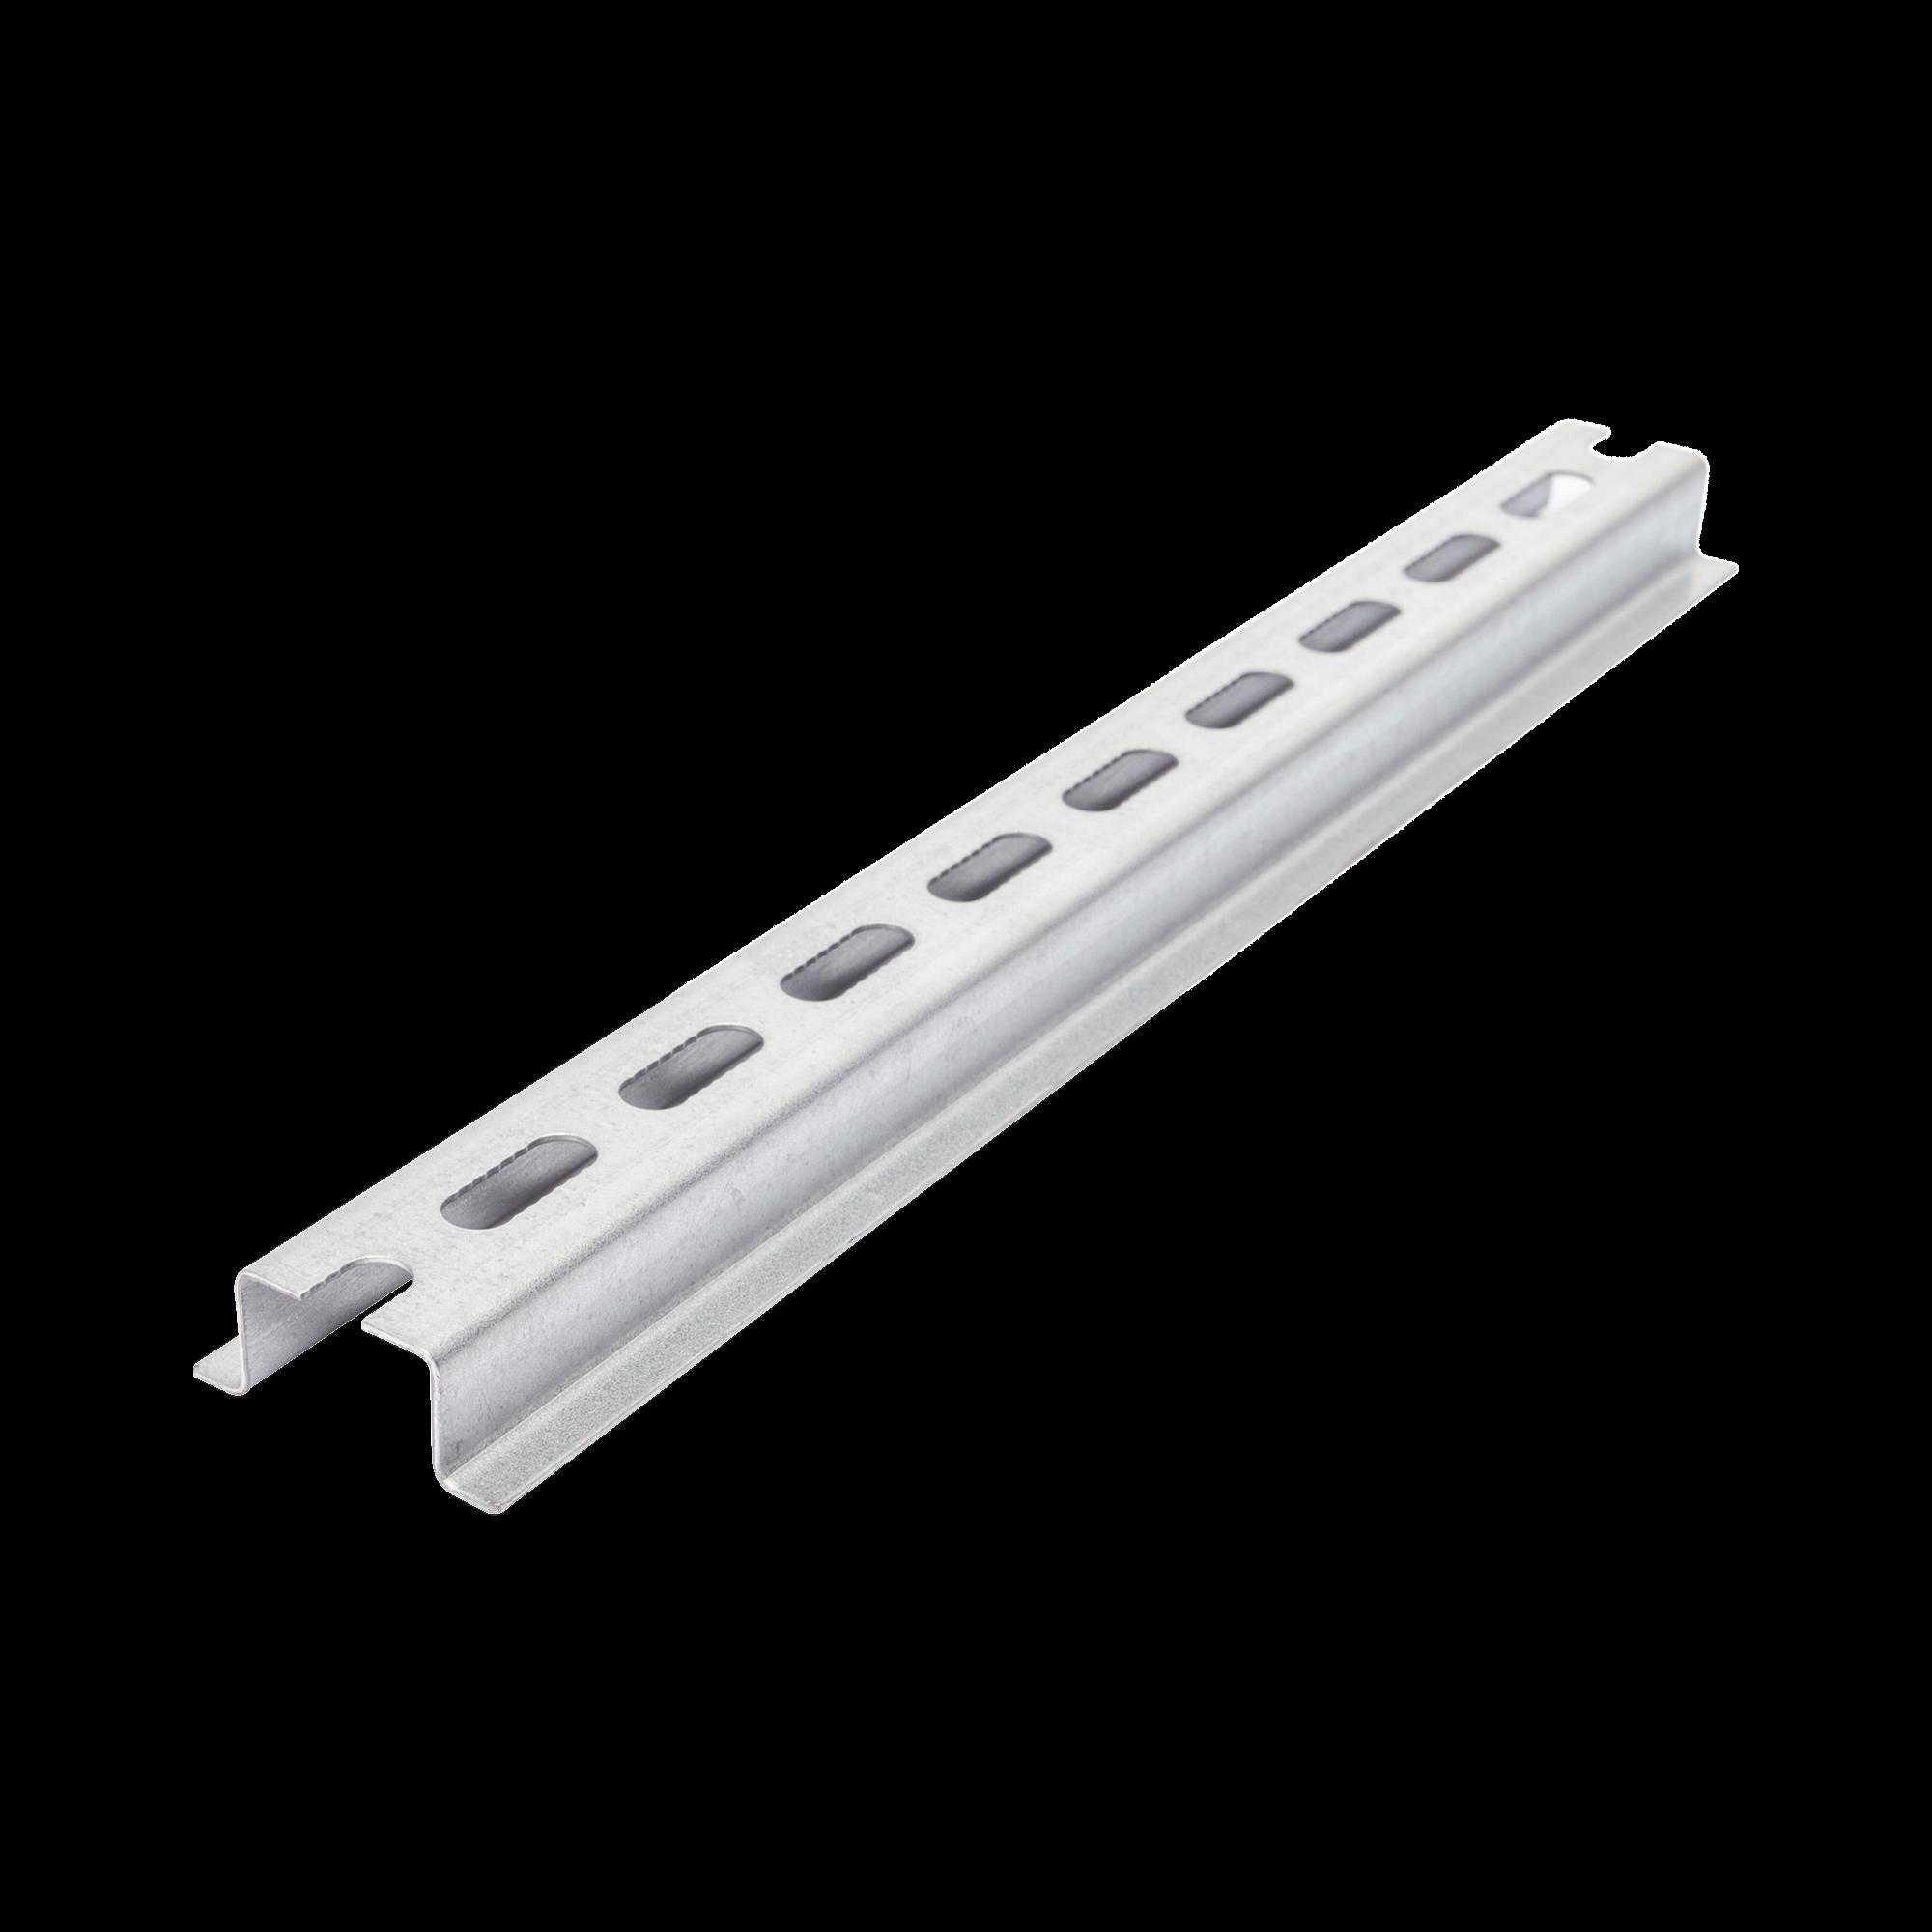 Riel DIN Estándar de 35 mm Ranurado. 25 cm de longitud. Fabricado en Acero.